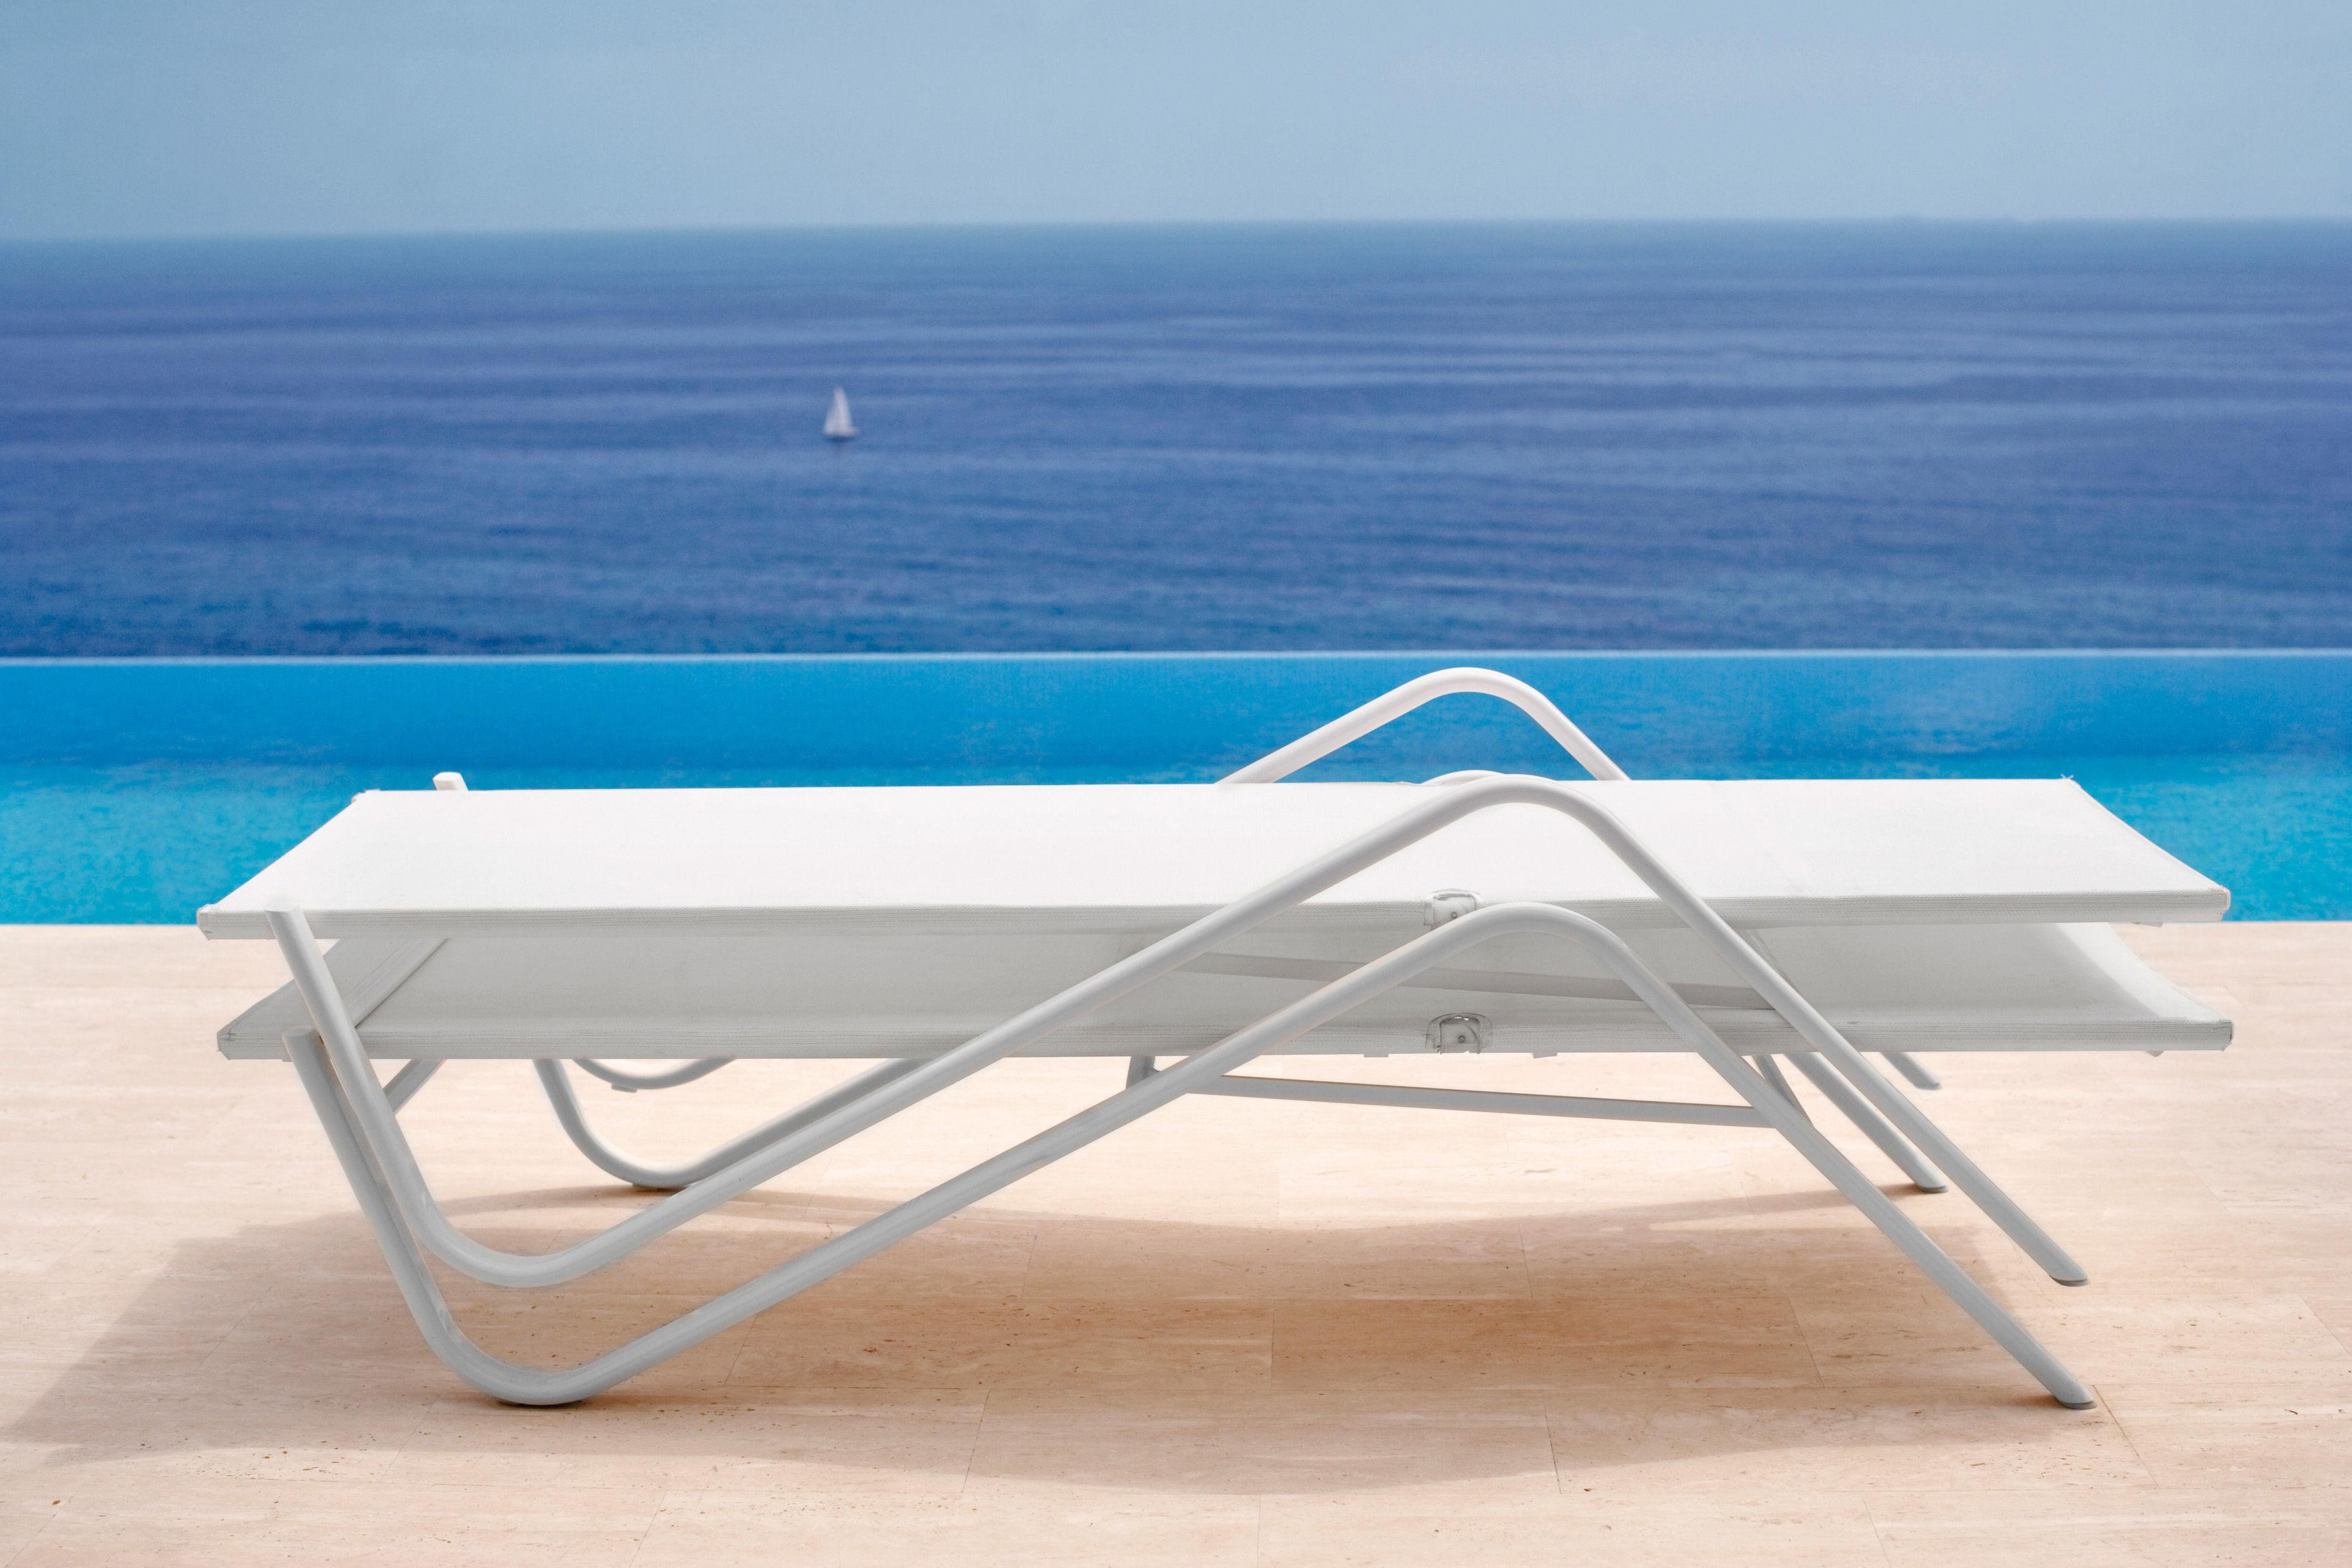 bain de soleil holly avec pare soleil amovible toile blanche structure blanche emu. Black Bedroom Furniture Sets. Home Design Ideas